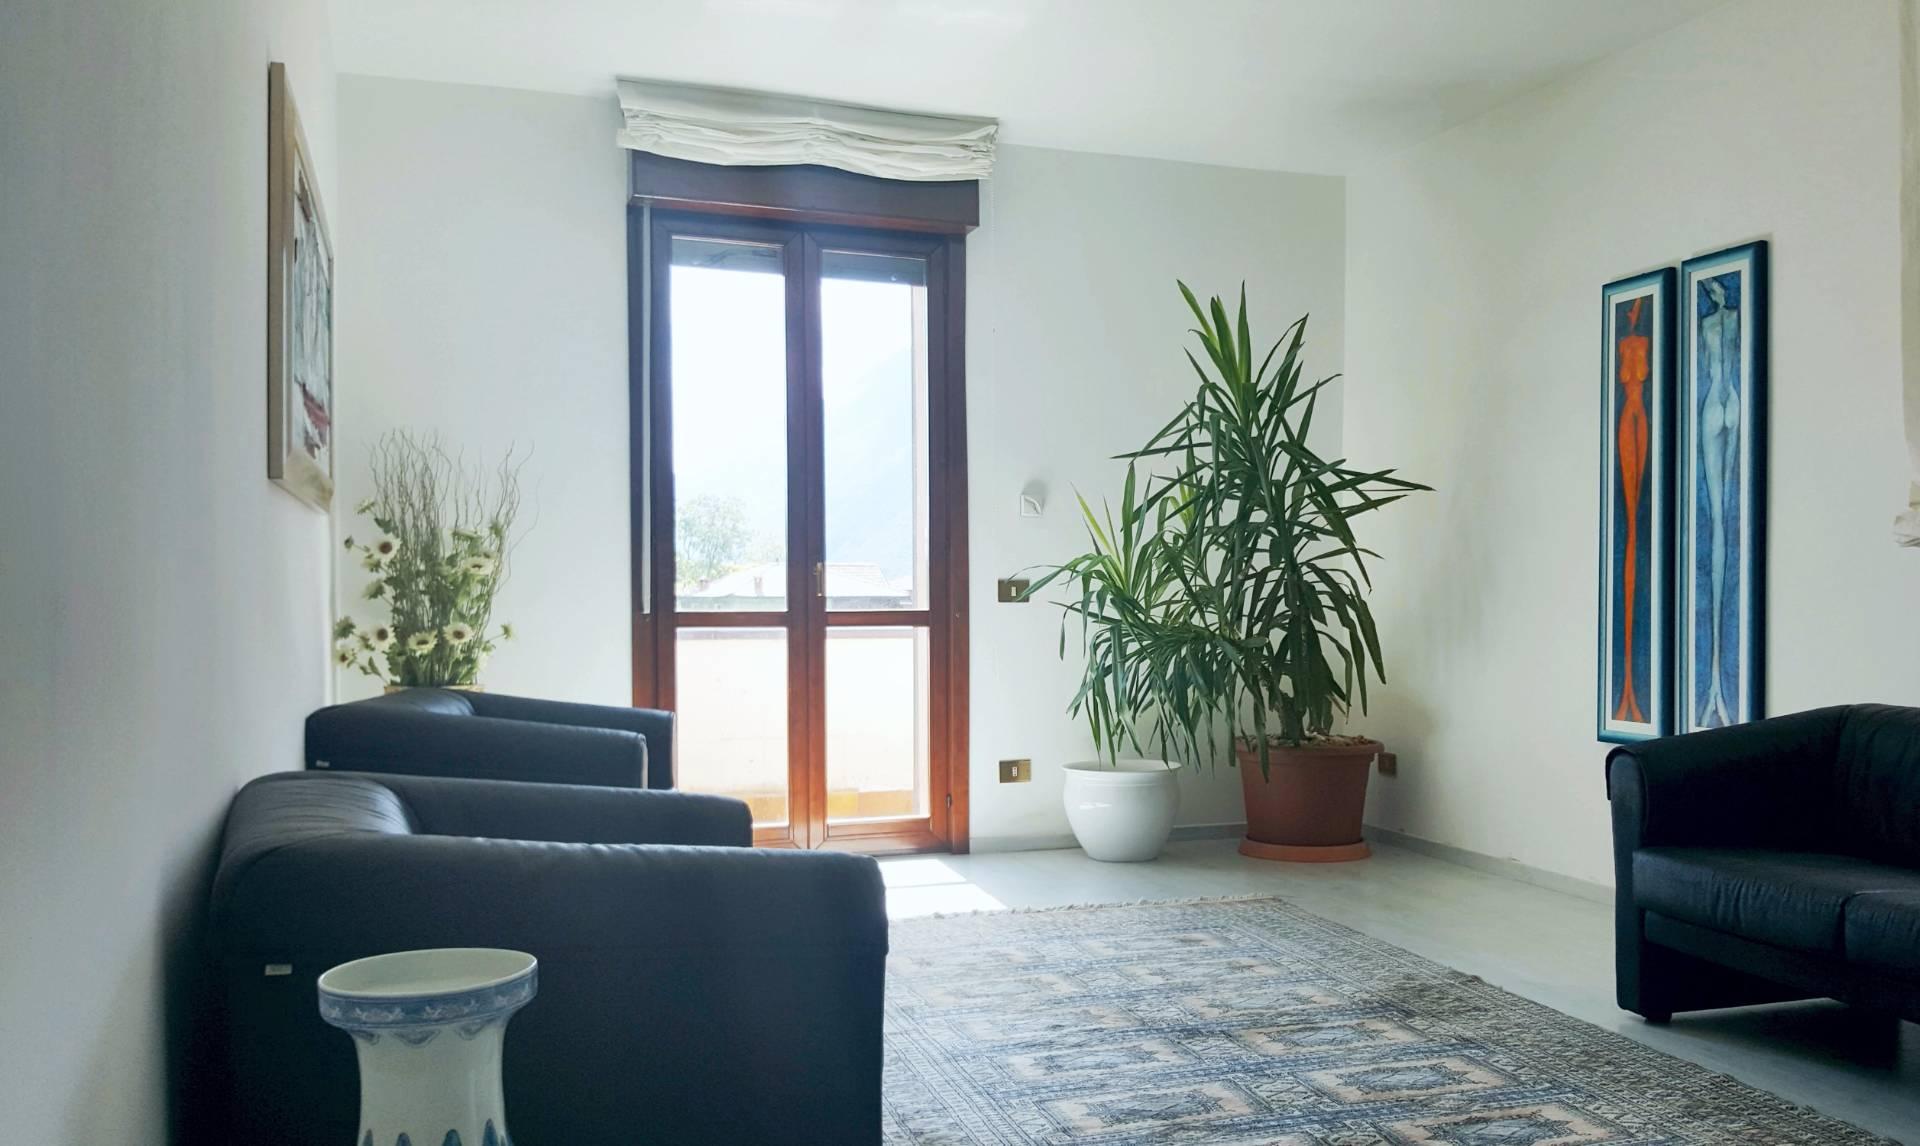 Appartamento in vendita a Gianico, 5 locali, prezzo € 105.000 | CambioCasa.it